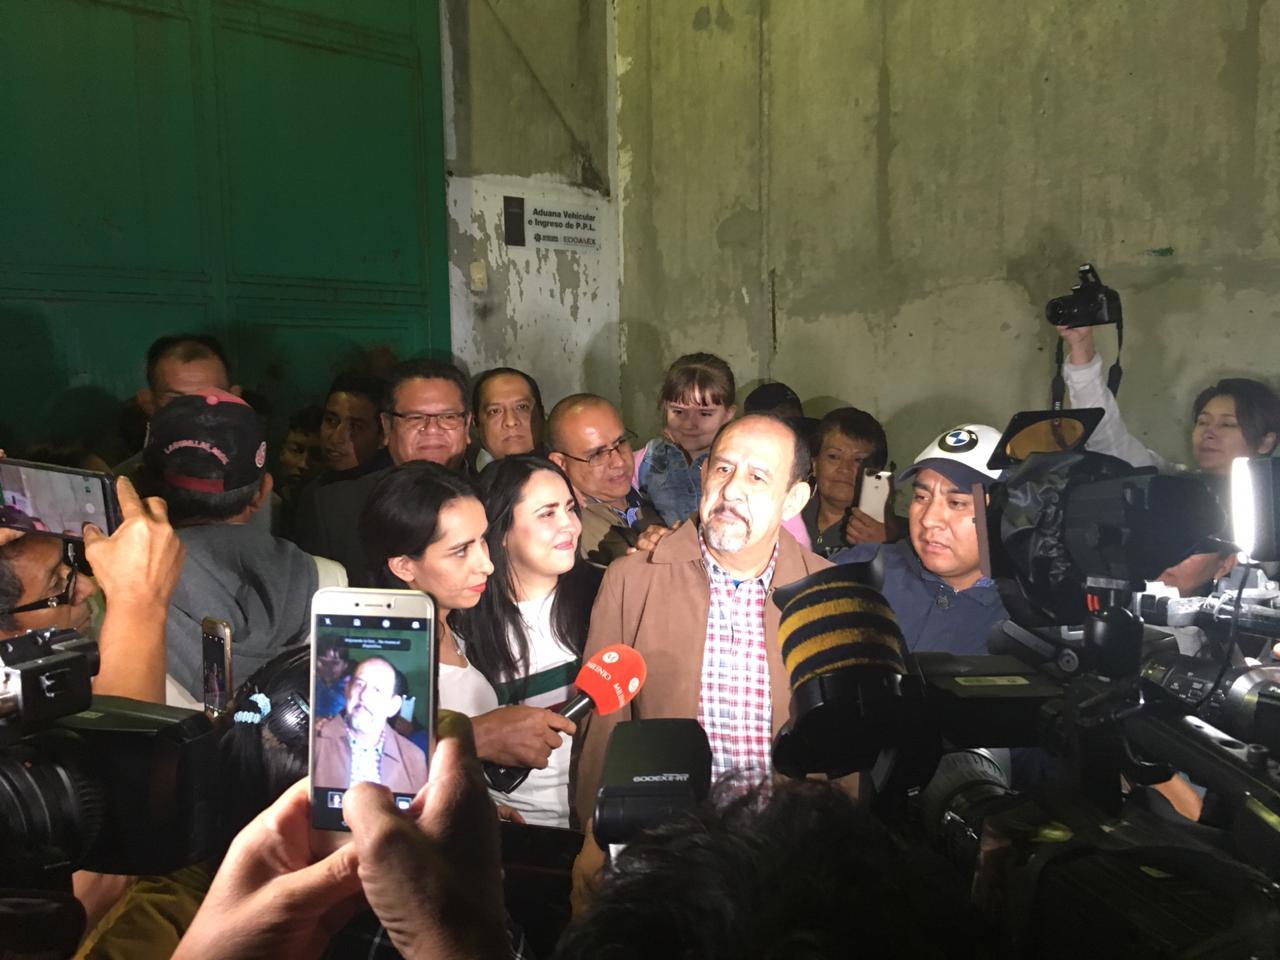 Termina la prisión preventiva más larga de América Latina